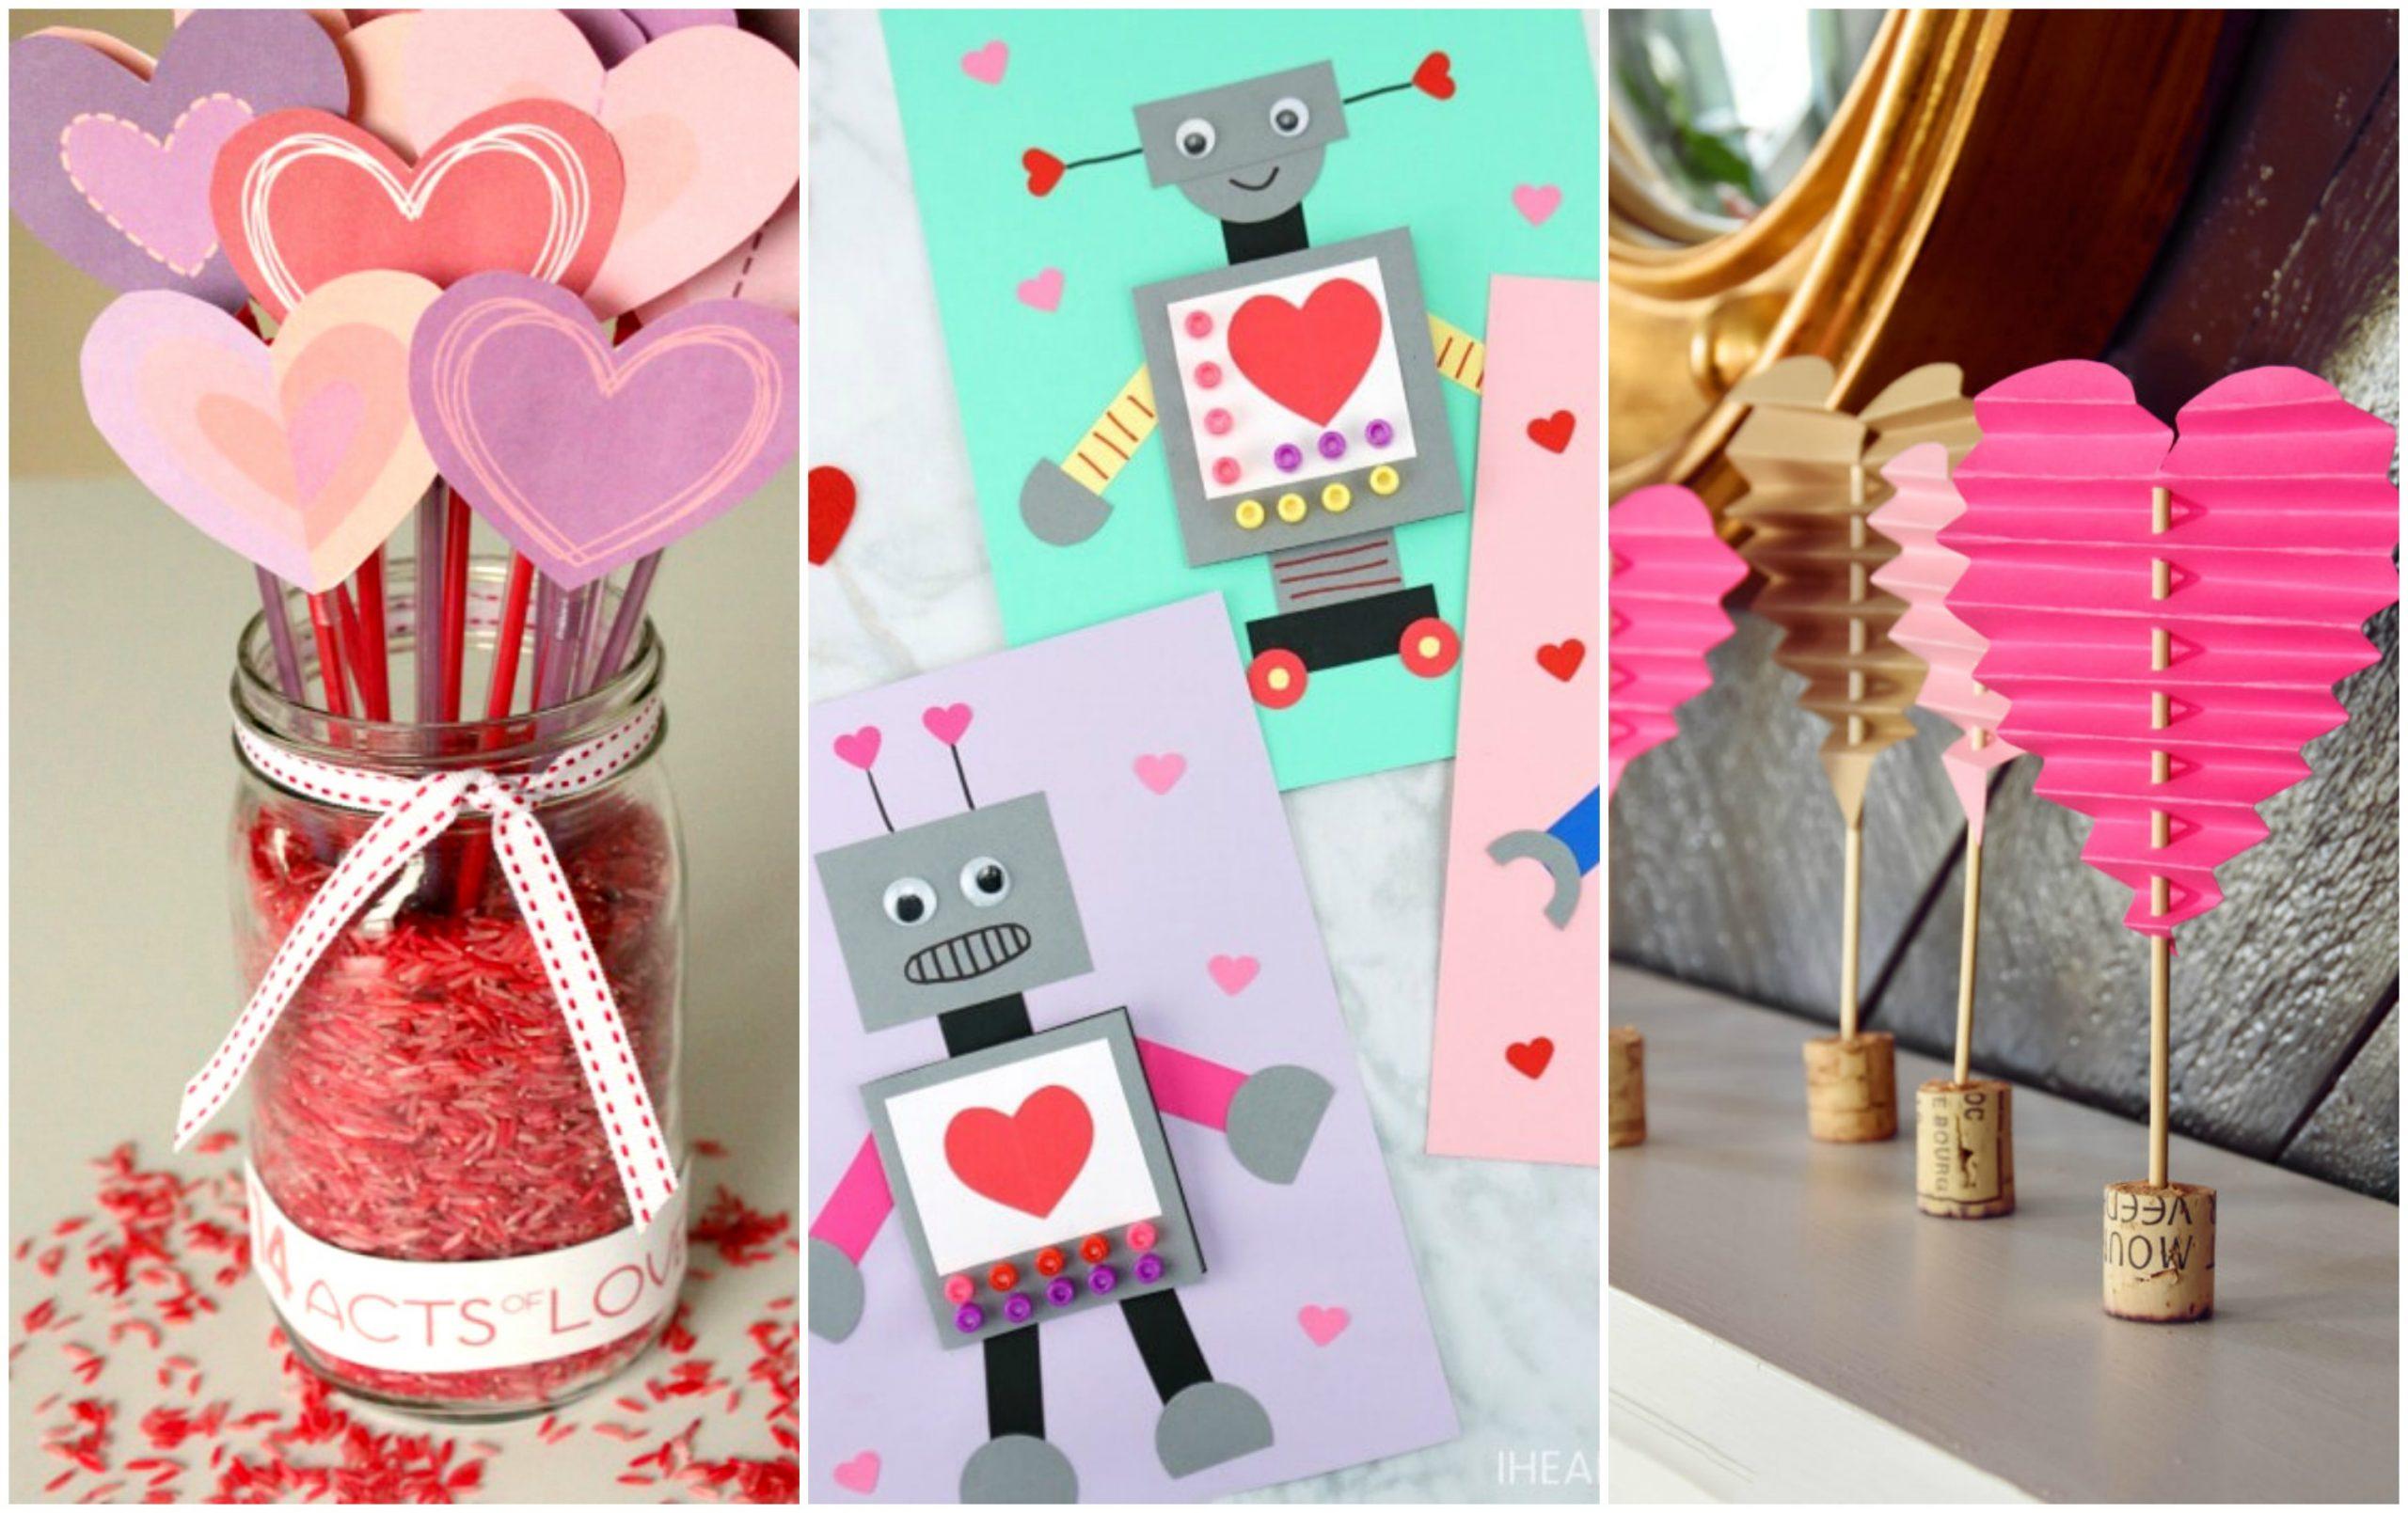 DIY Valentine paper crafts to make